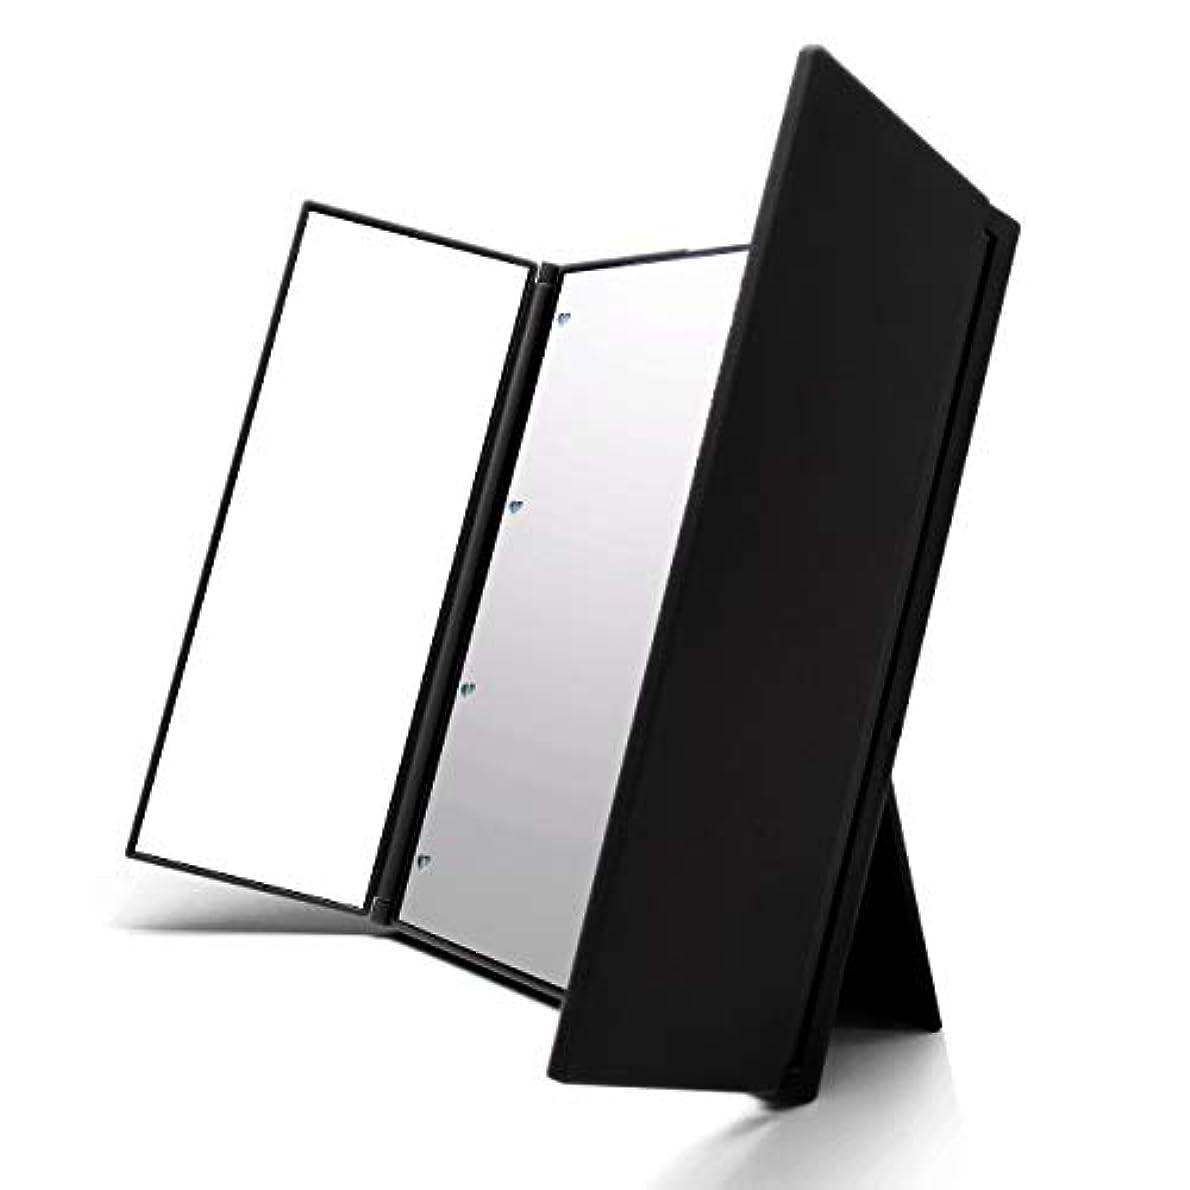 セイはさておきアジャに慣れVidgoo 鏡 卓上 化粧鏡 スタンド LED付き 三面鏡 折り畳み式 調整可能 電池型 ブラック